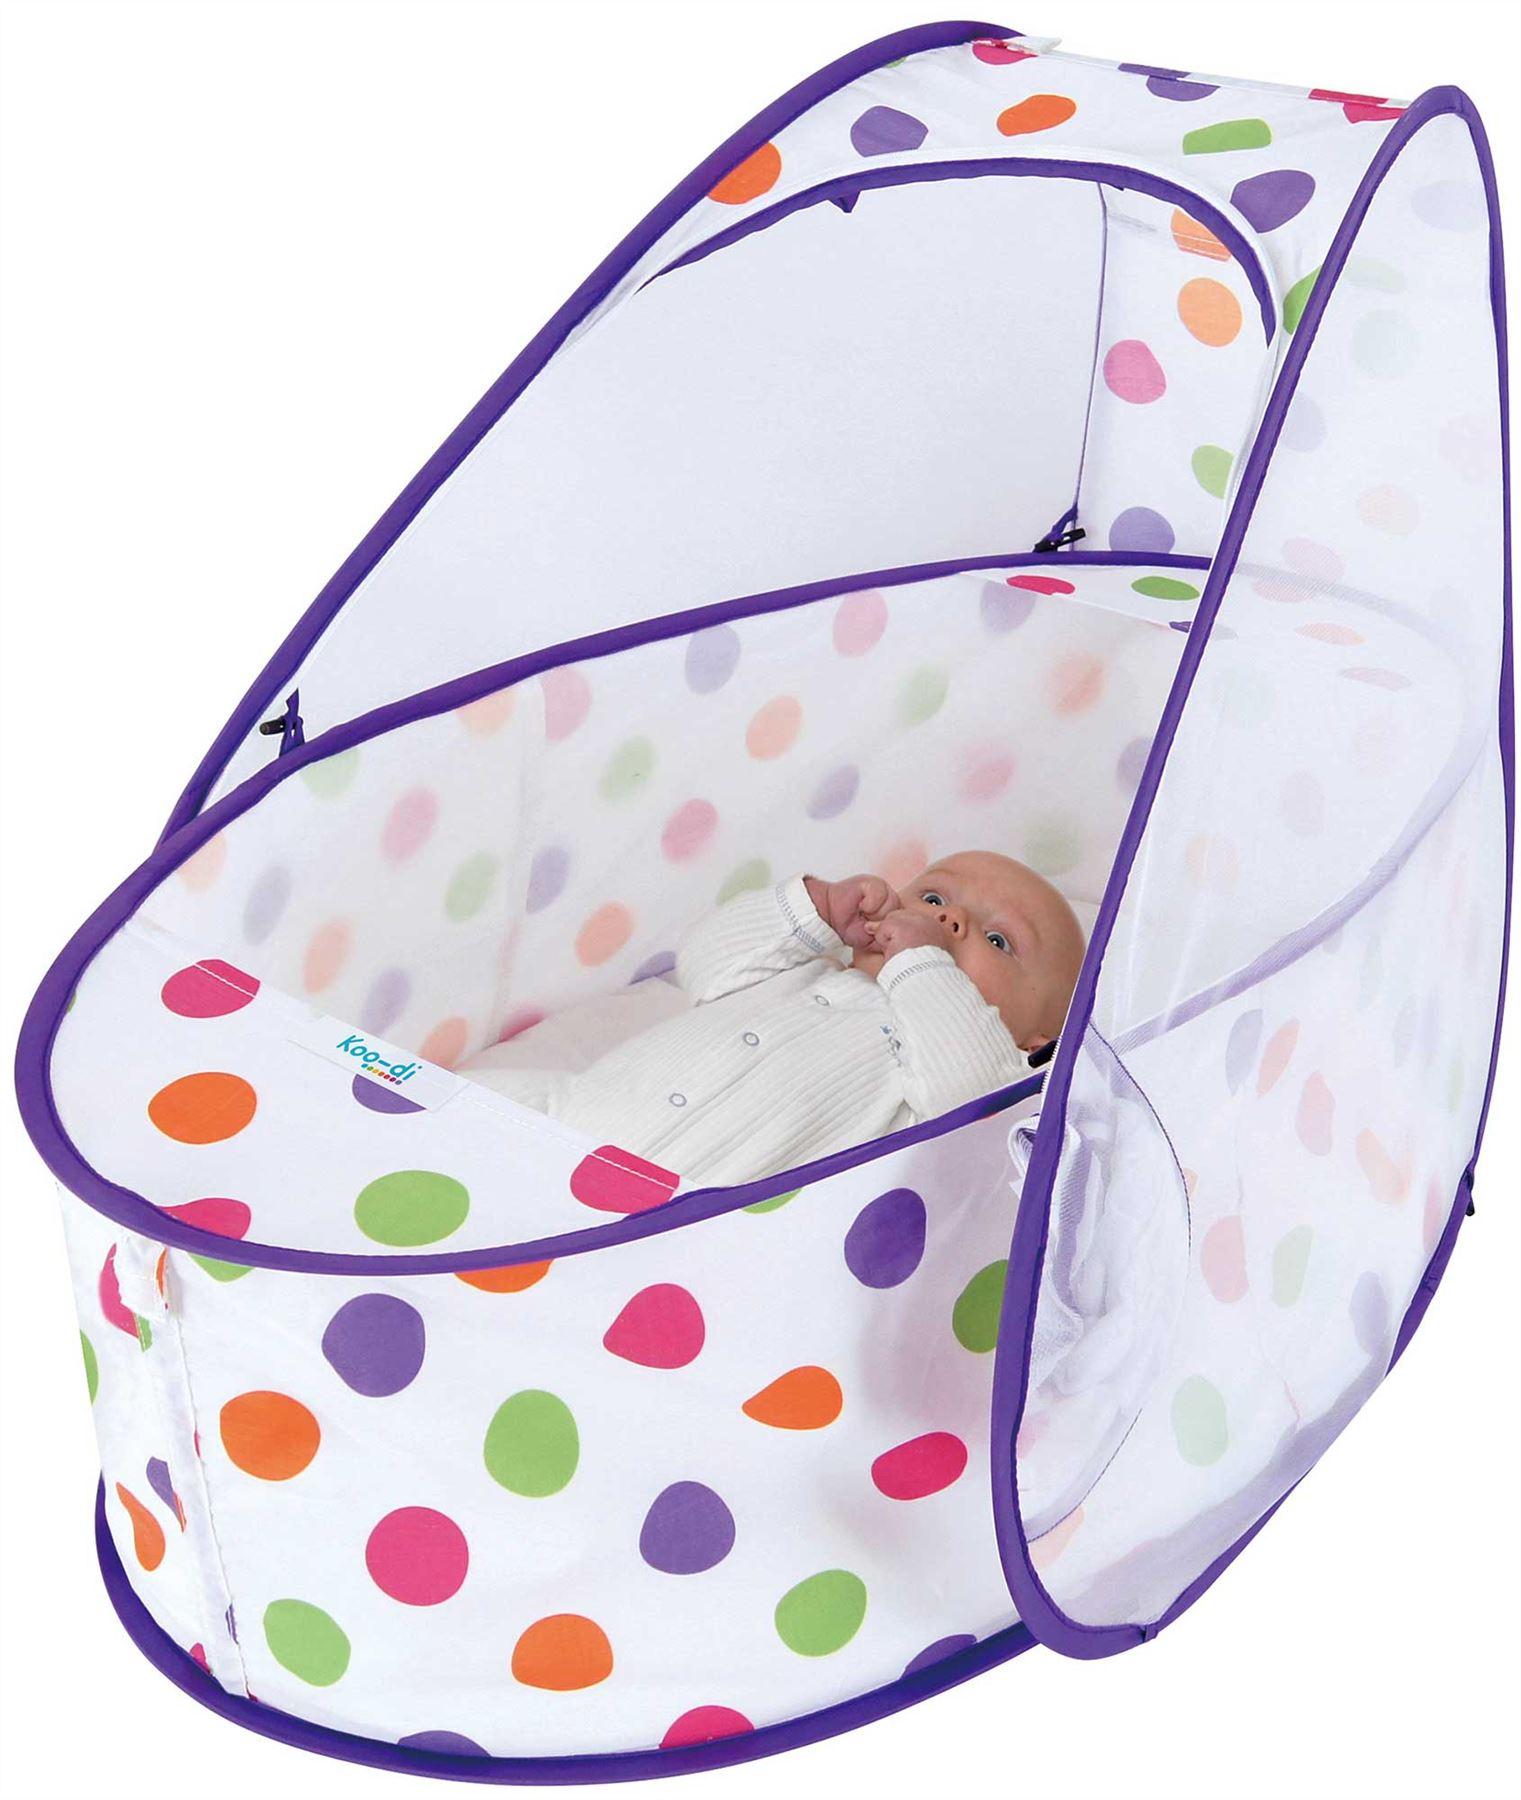 Koo-di-Pop-Up-da-Viaggio-Culla-Lettino-Baby-Bambino-a-letto-accessorio-di-viaggio-BN